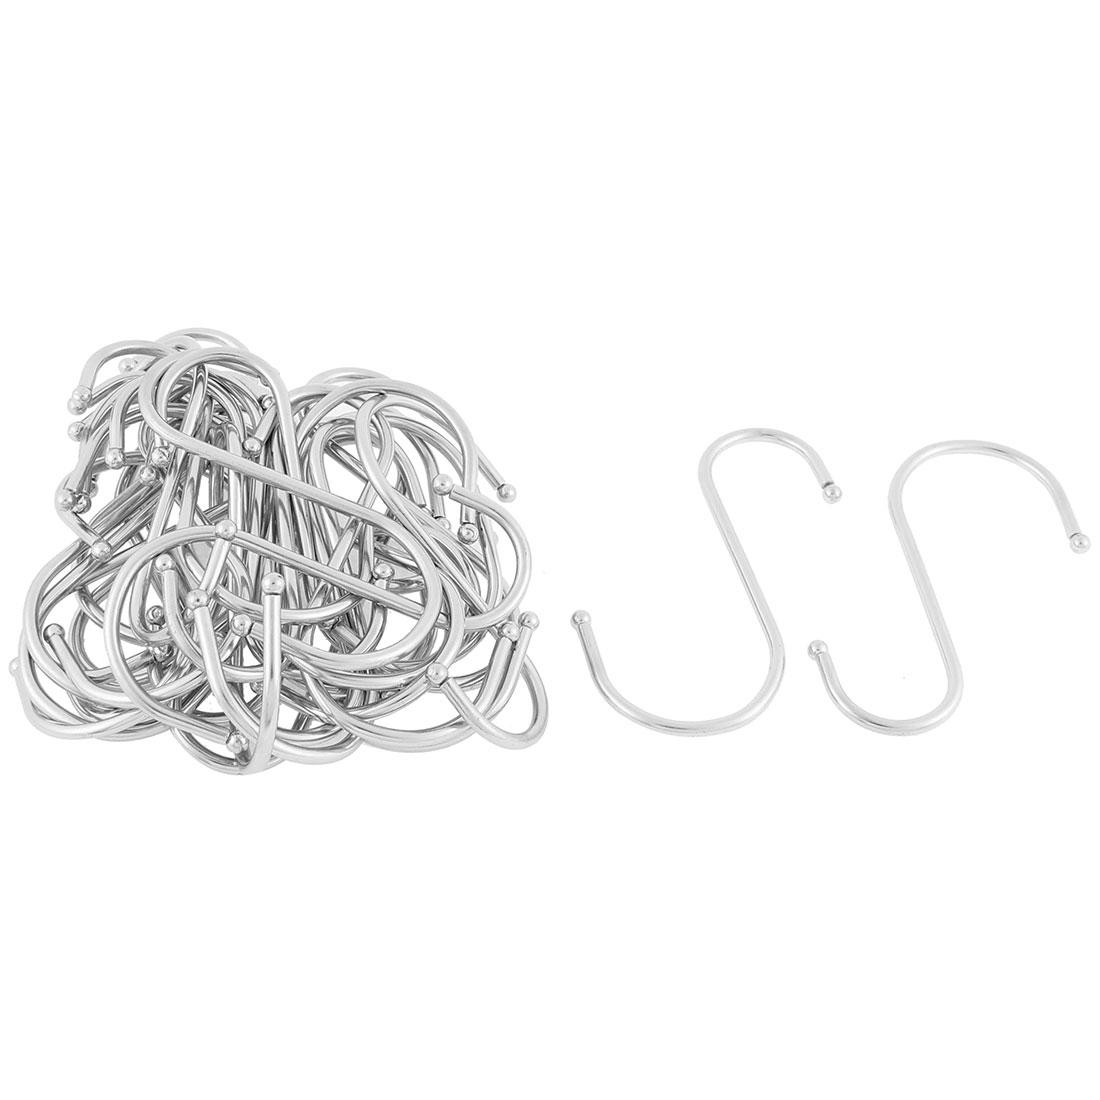 Stainless Steel S Shaped Hanging Hooks Hangers Holder 10cm Long 30 Pcs